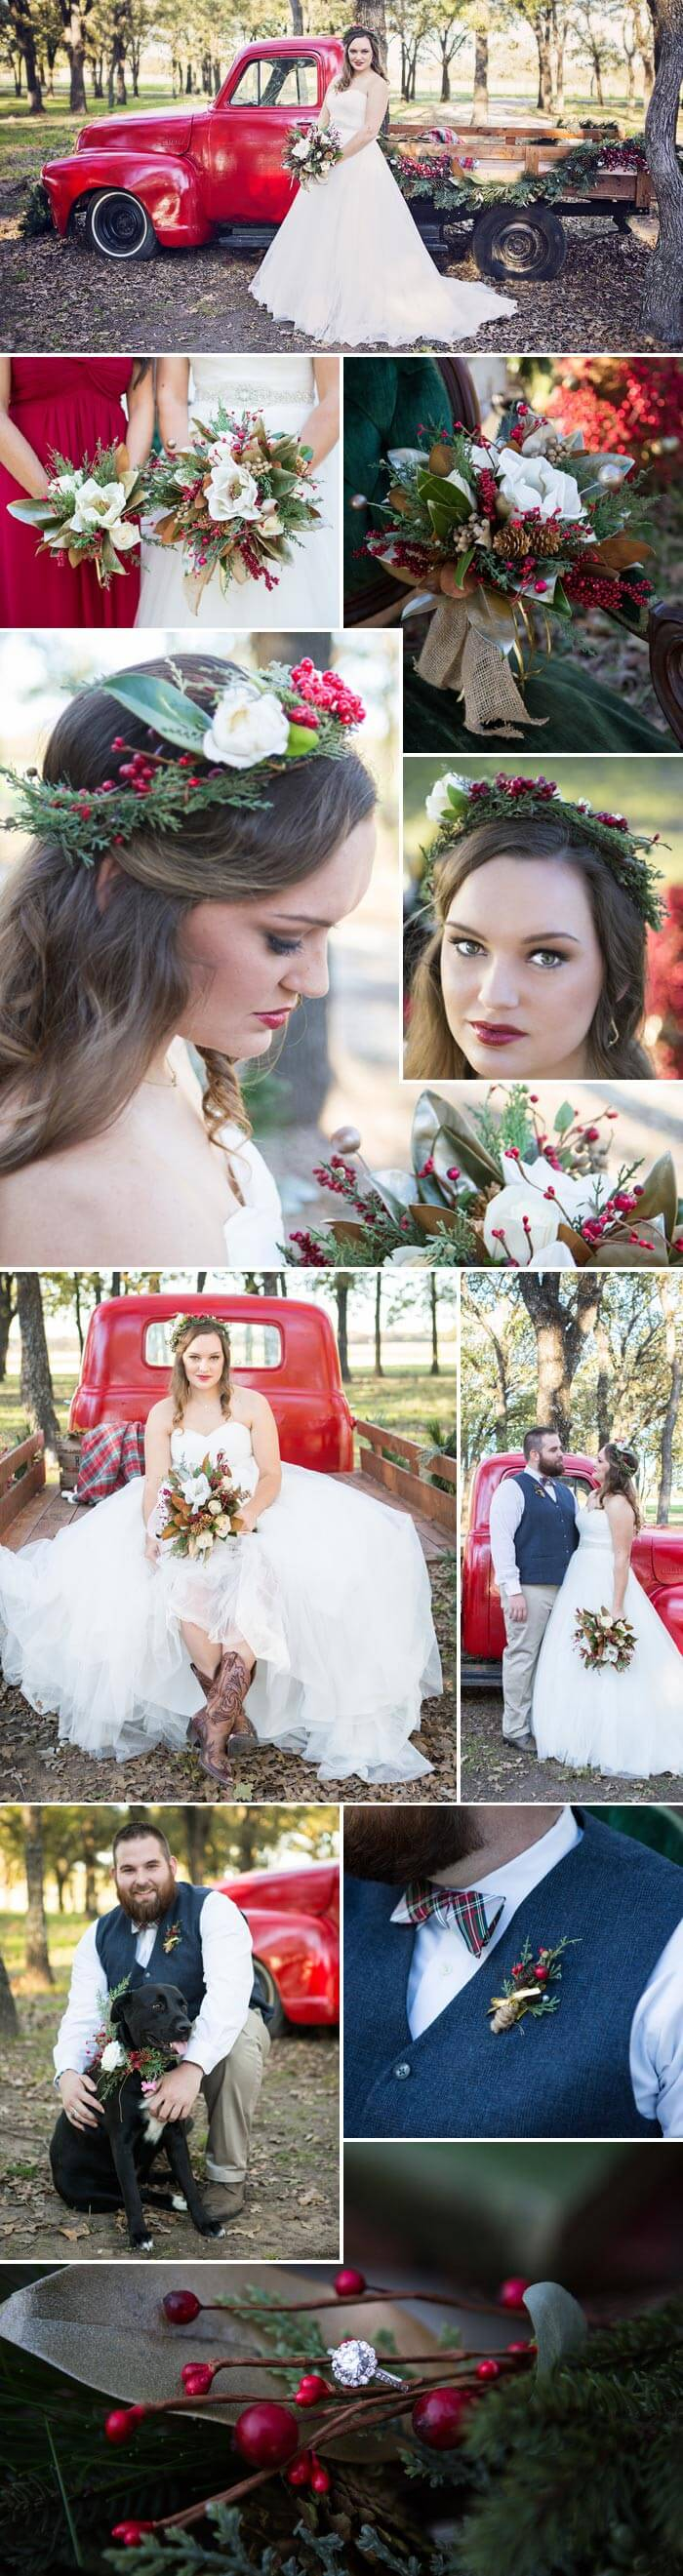 Hochzeit an Weihnachten - Ideen für das Styling